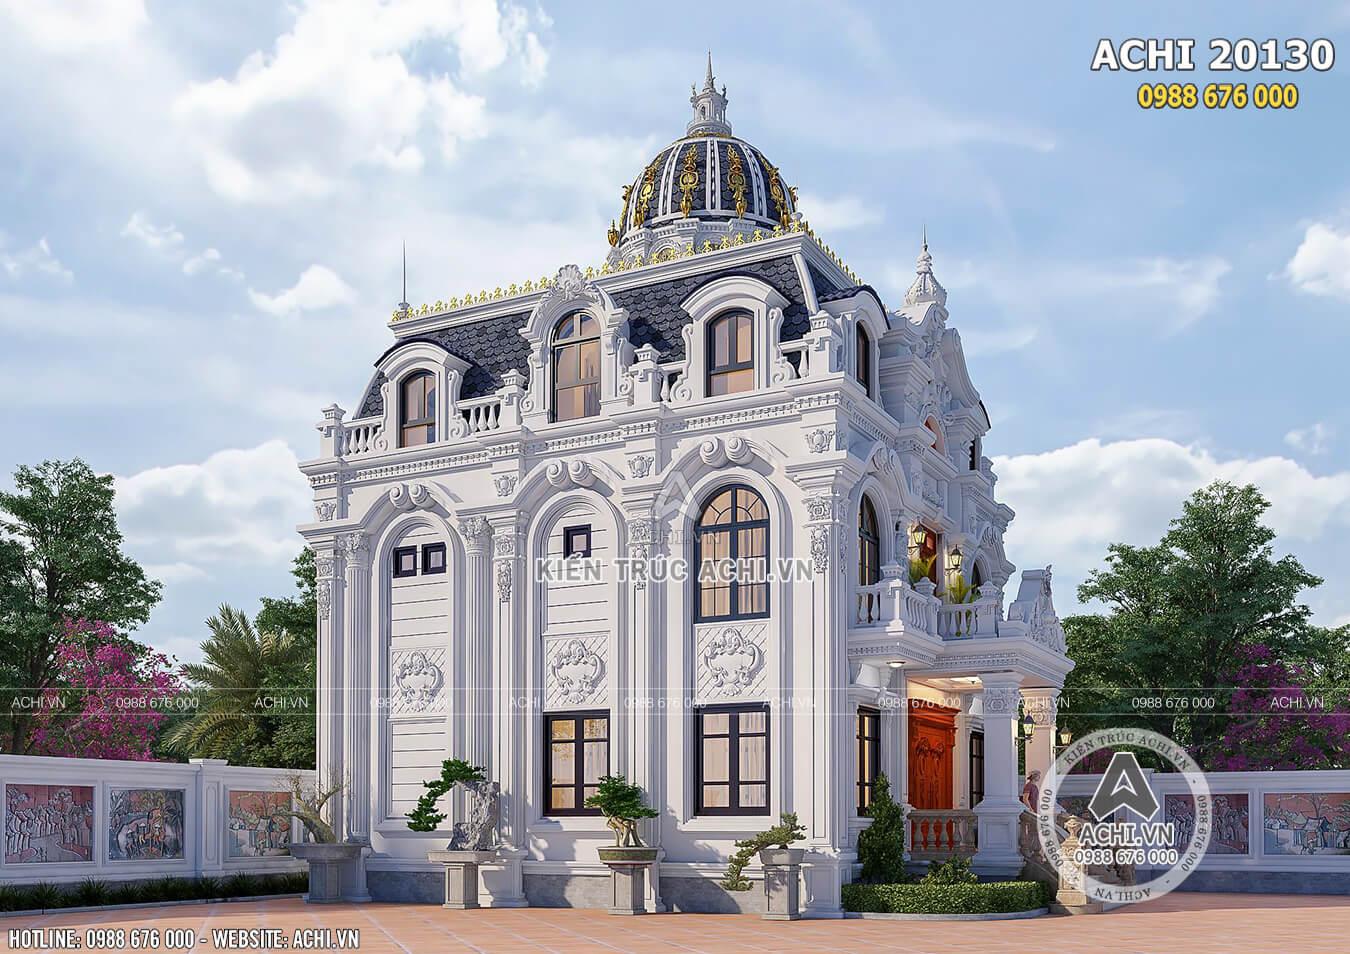 Mẫu thiết kế biệt thự tân cổ điển đẹp 110m2 xây dựng 3 tỷ tại Thanh Hóa - Mã số: ACHI: 20130